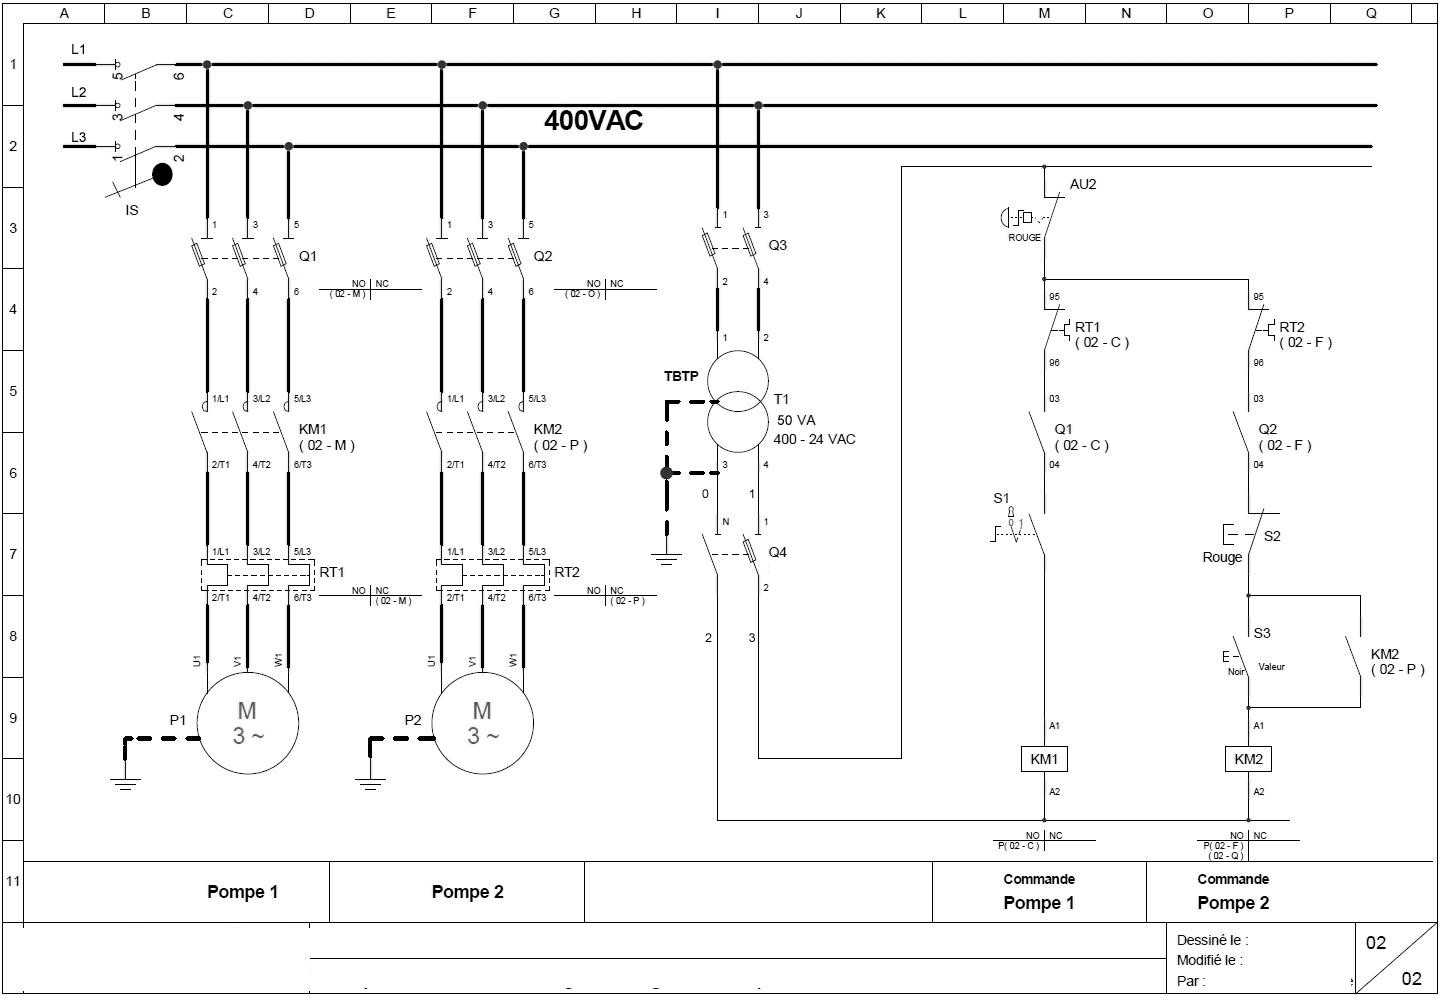 Lire schema electrique